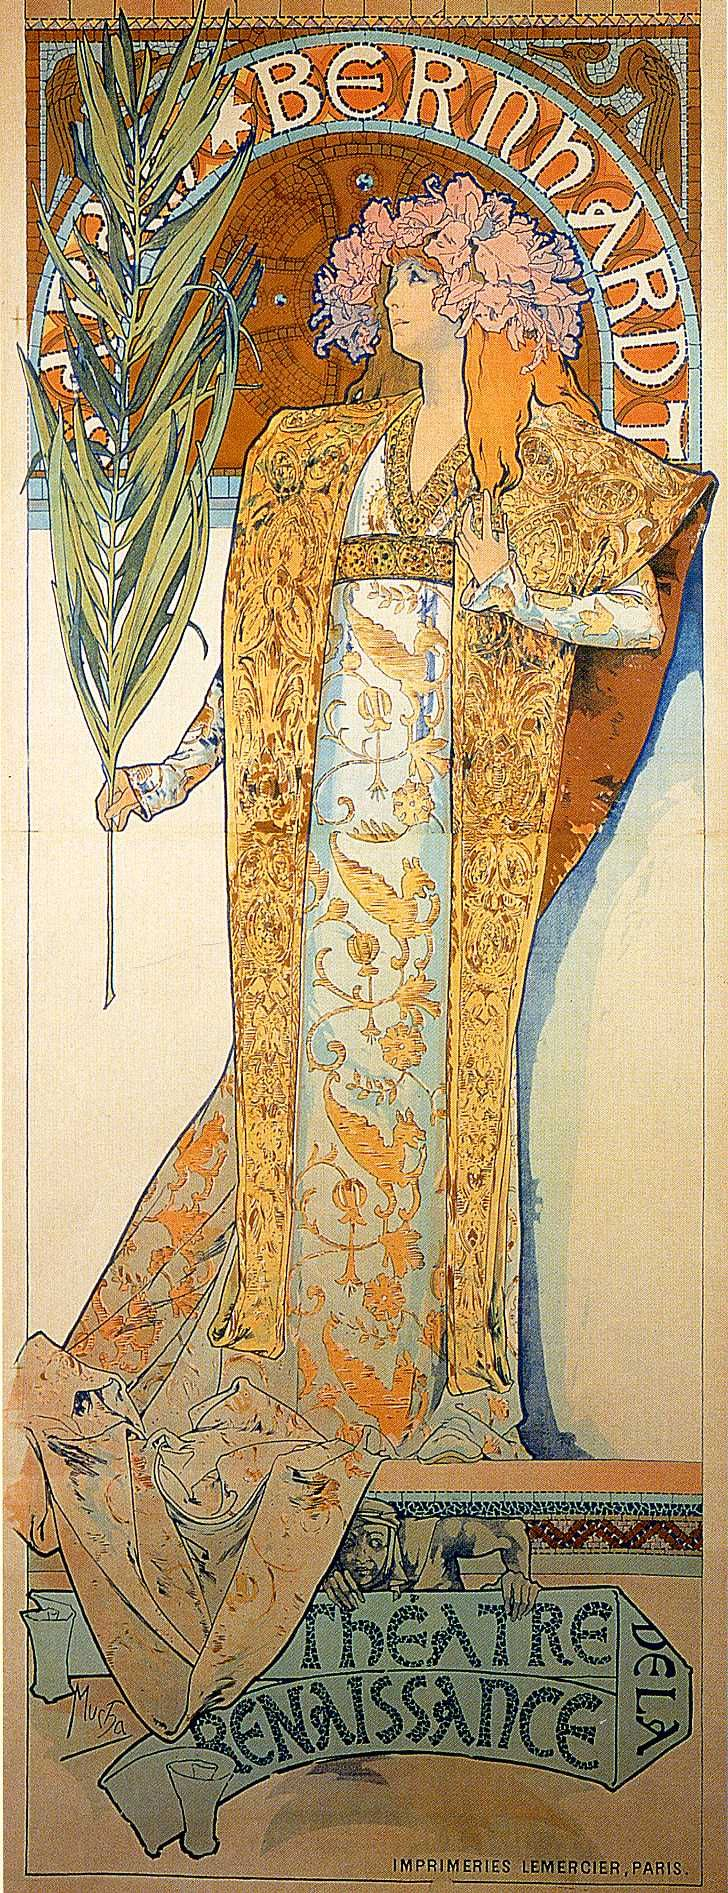 Poster for Victorien Sardou`s Gismonda starring Sarah Bernhardt at the Théâtre de la Renaissance in Paris, 1894